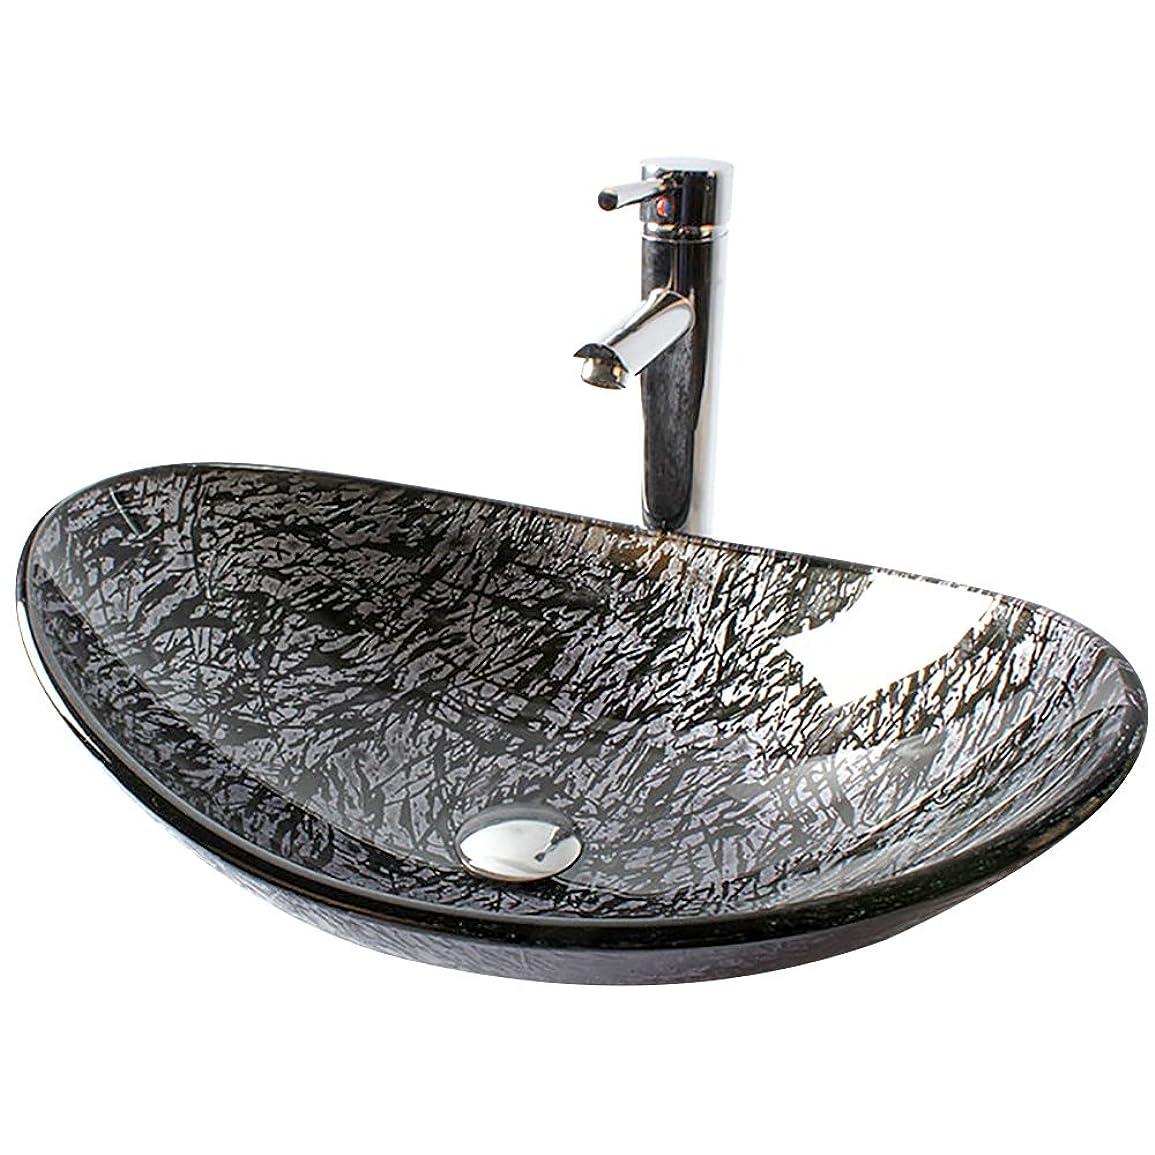 砂漠分解する財団Sccot 洗面台蛇口 キッチン用水栓 シングルレバー 混合水栓 引き出しホース 2wayの吐水式 黄銅 耐用